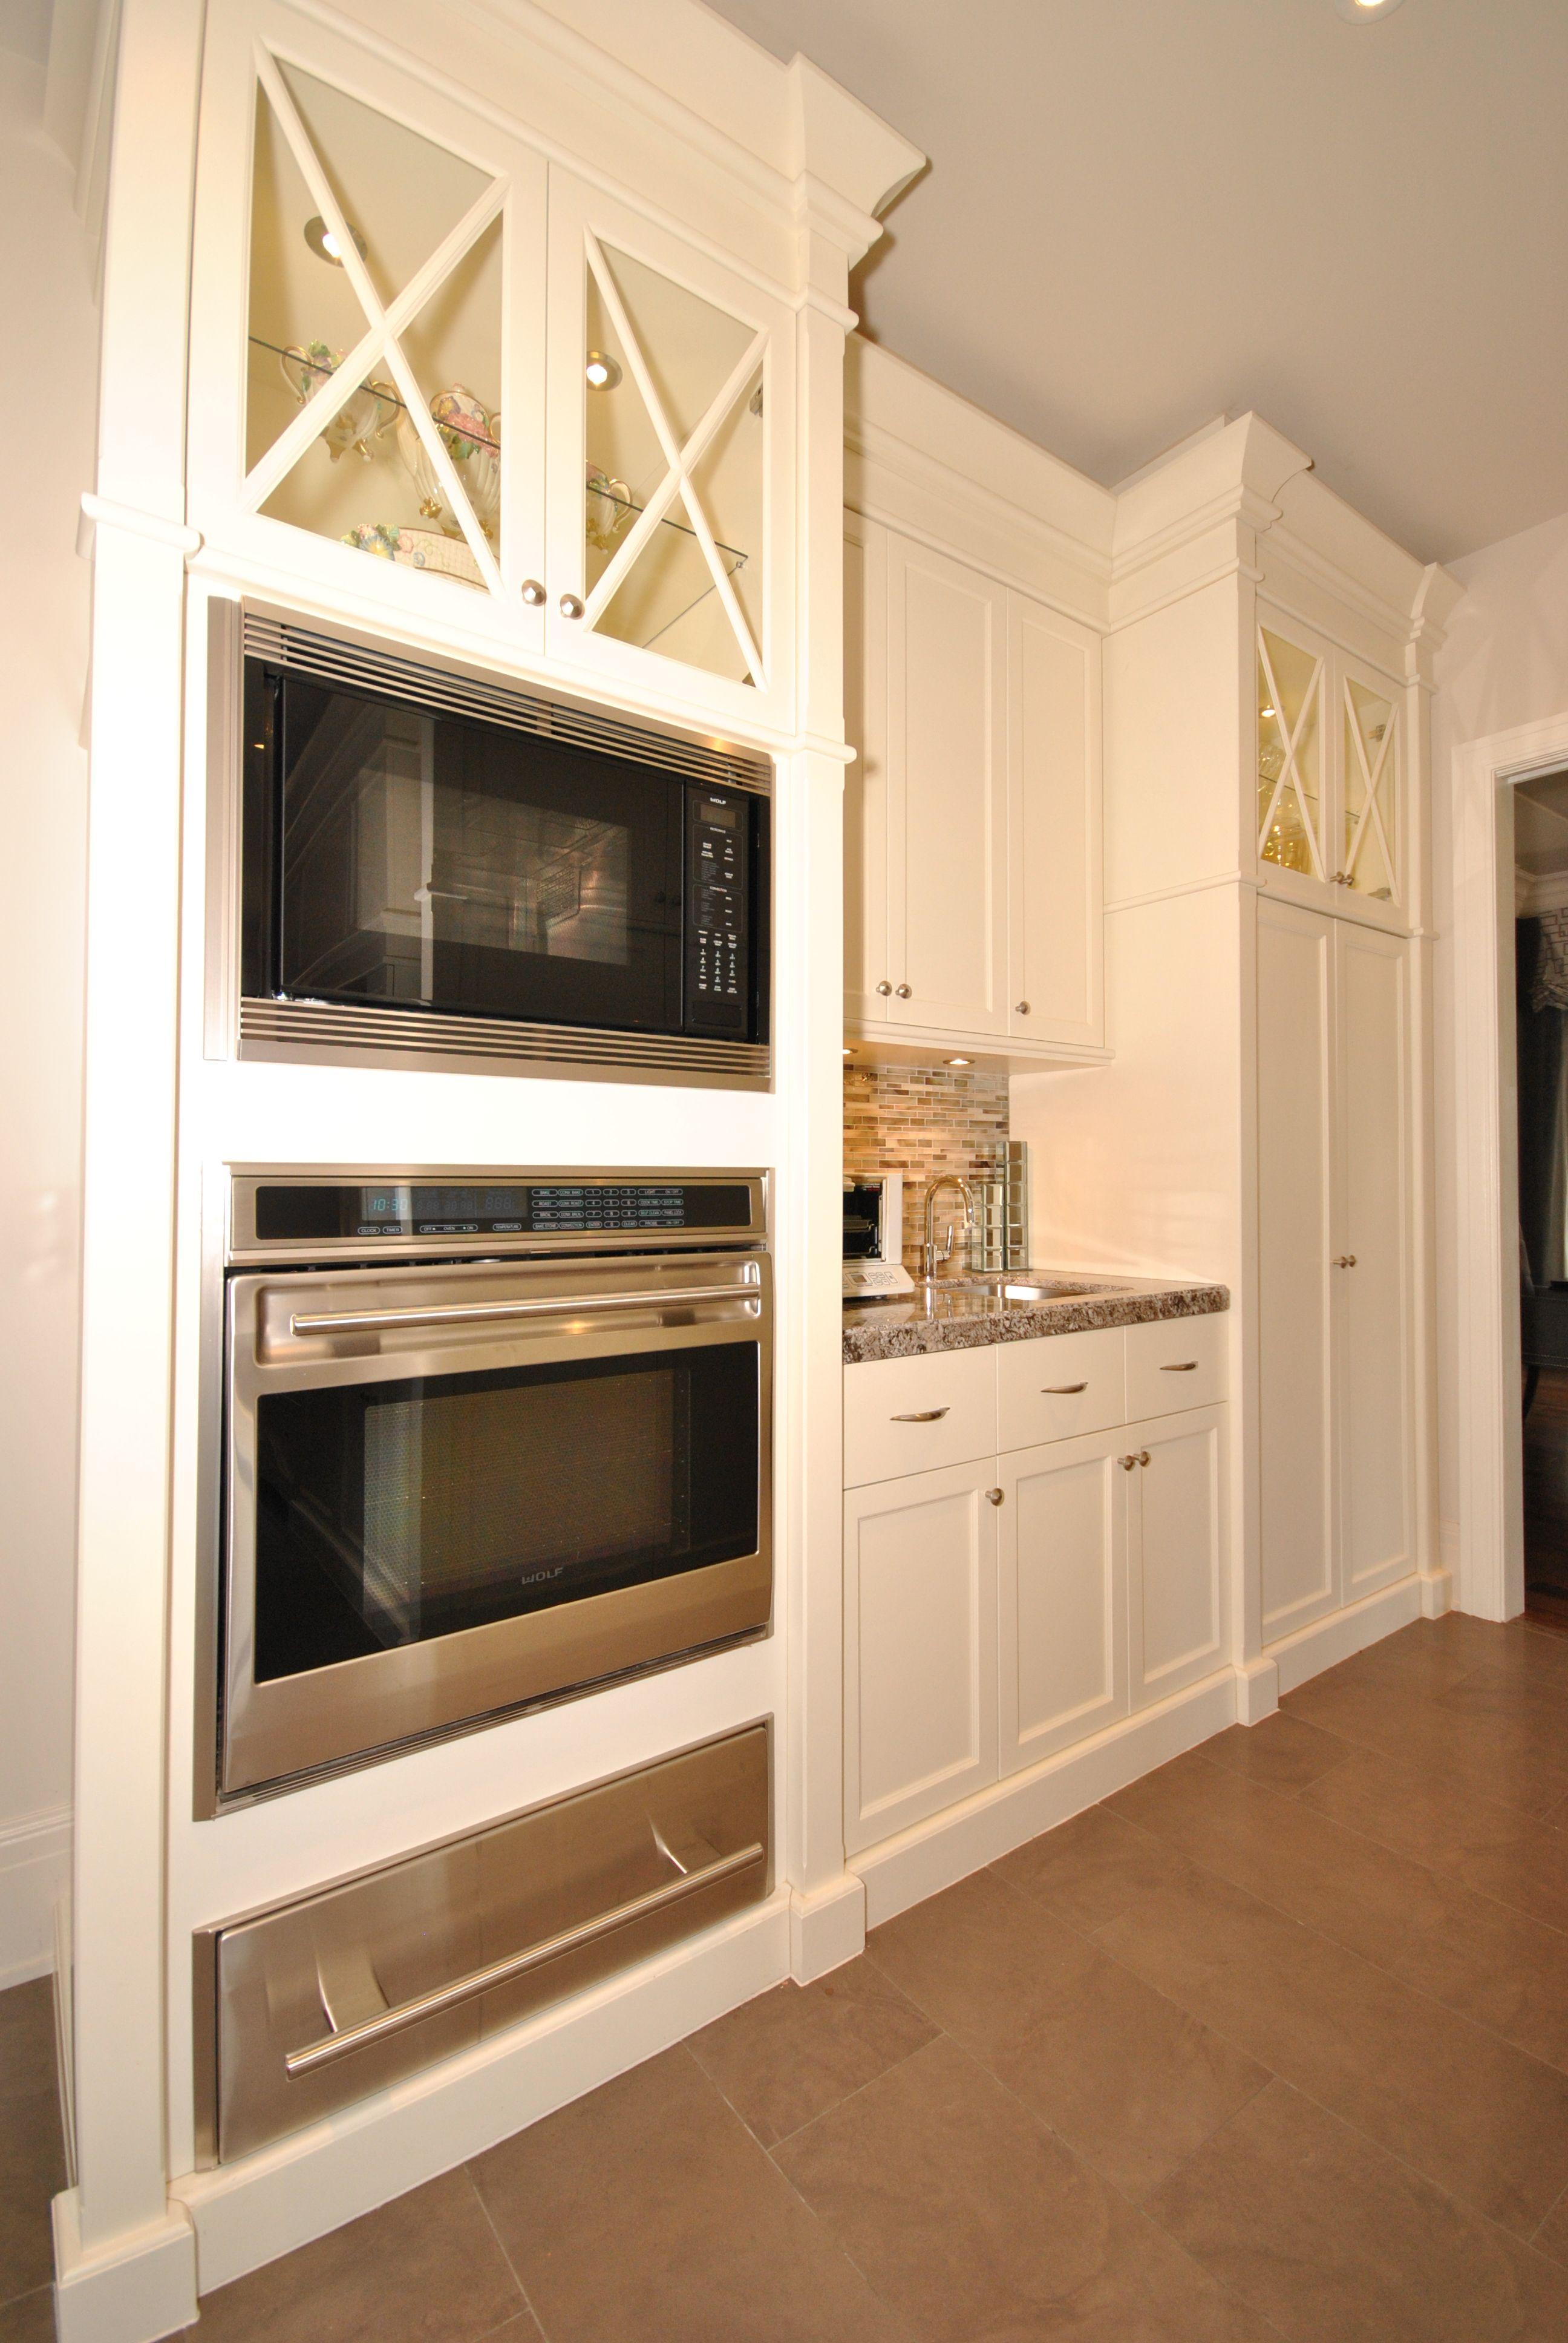 Armoire de cuisine en mersier avec portes vitr s d tail de x double four encastr cuisine - Cuisine avec vitre ...